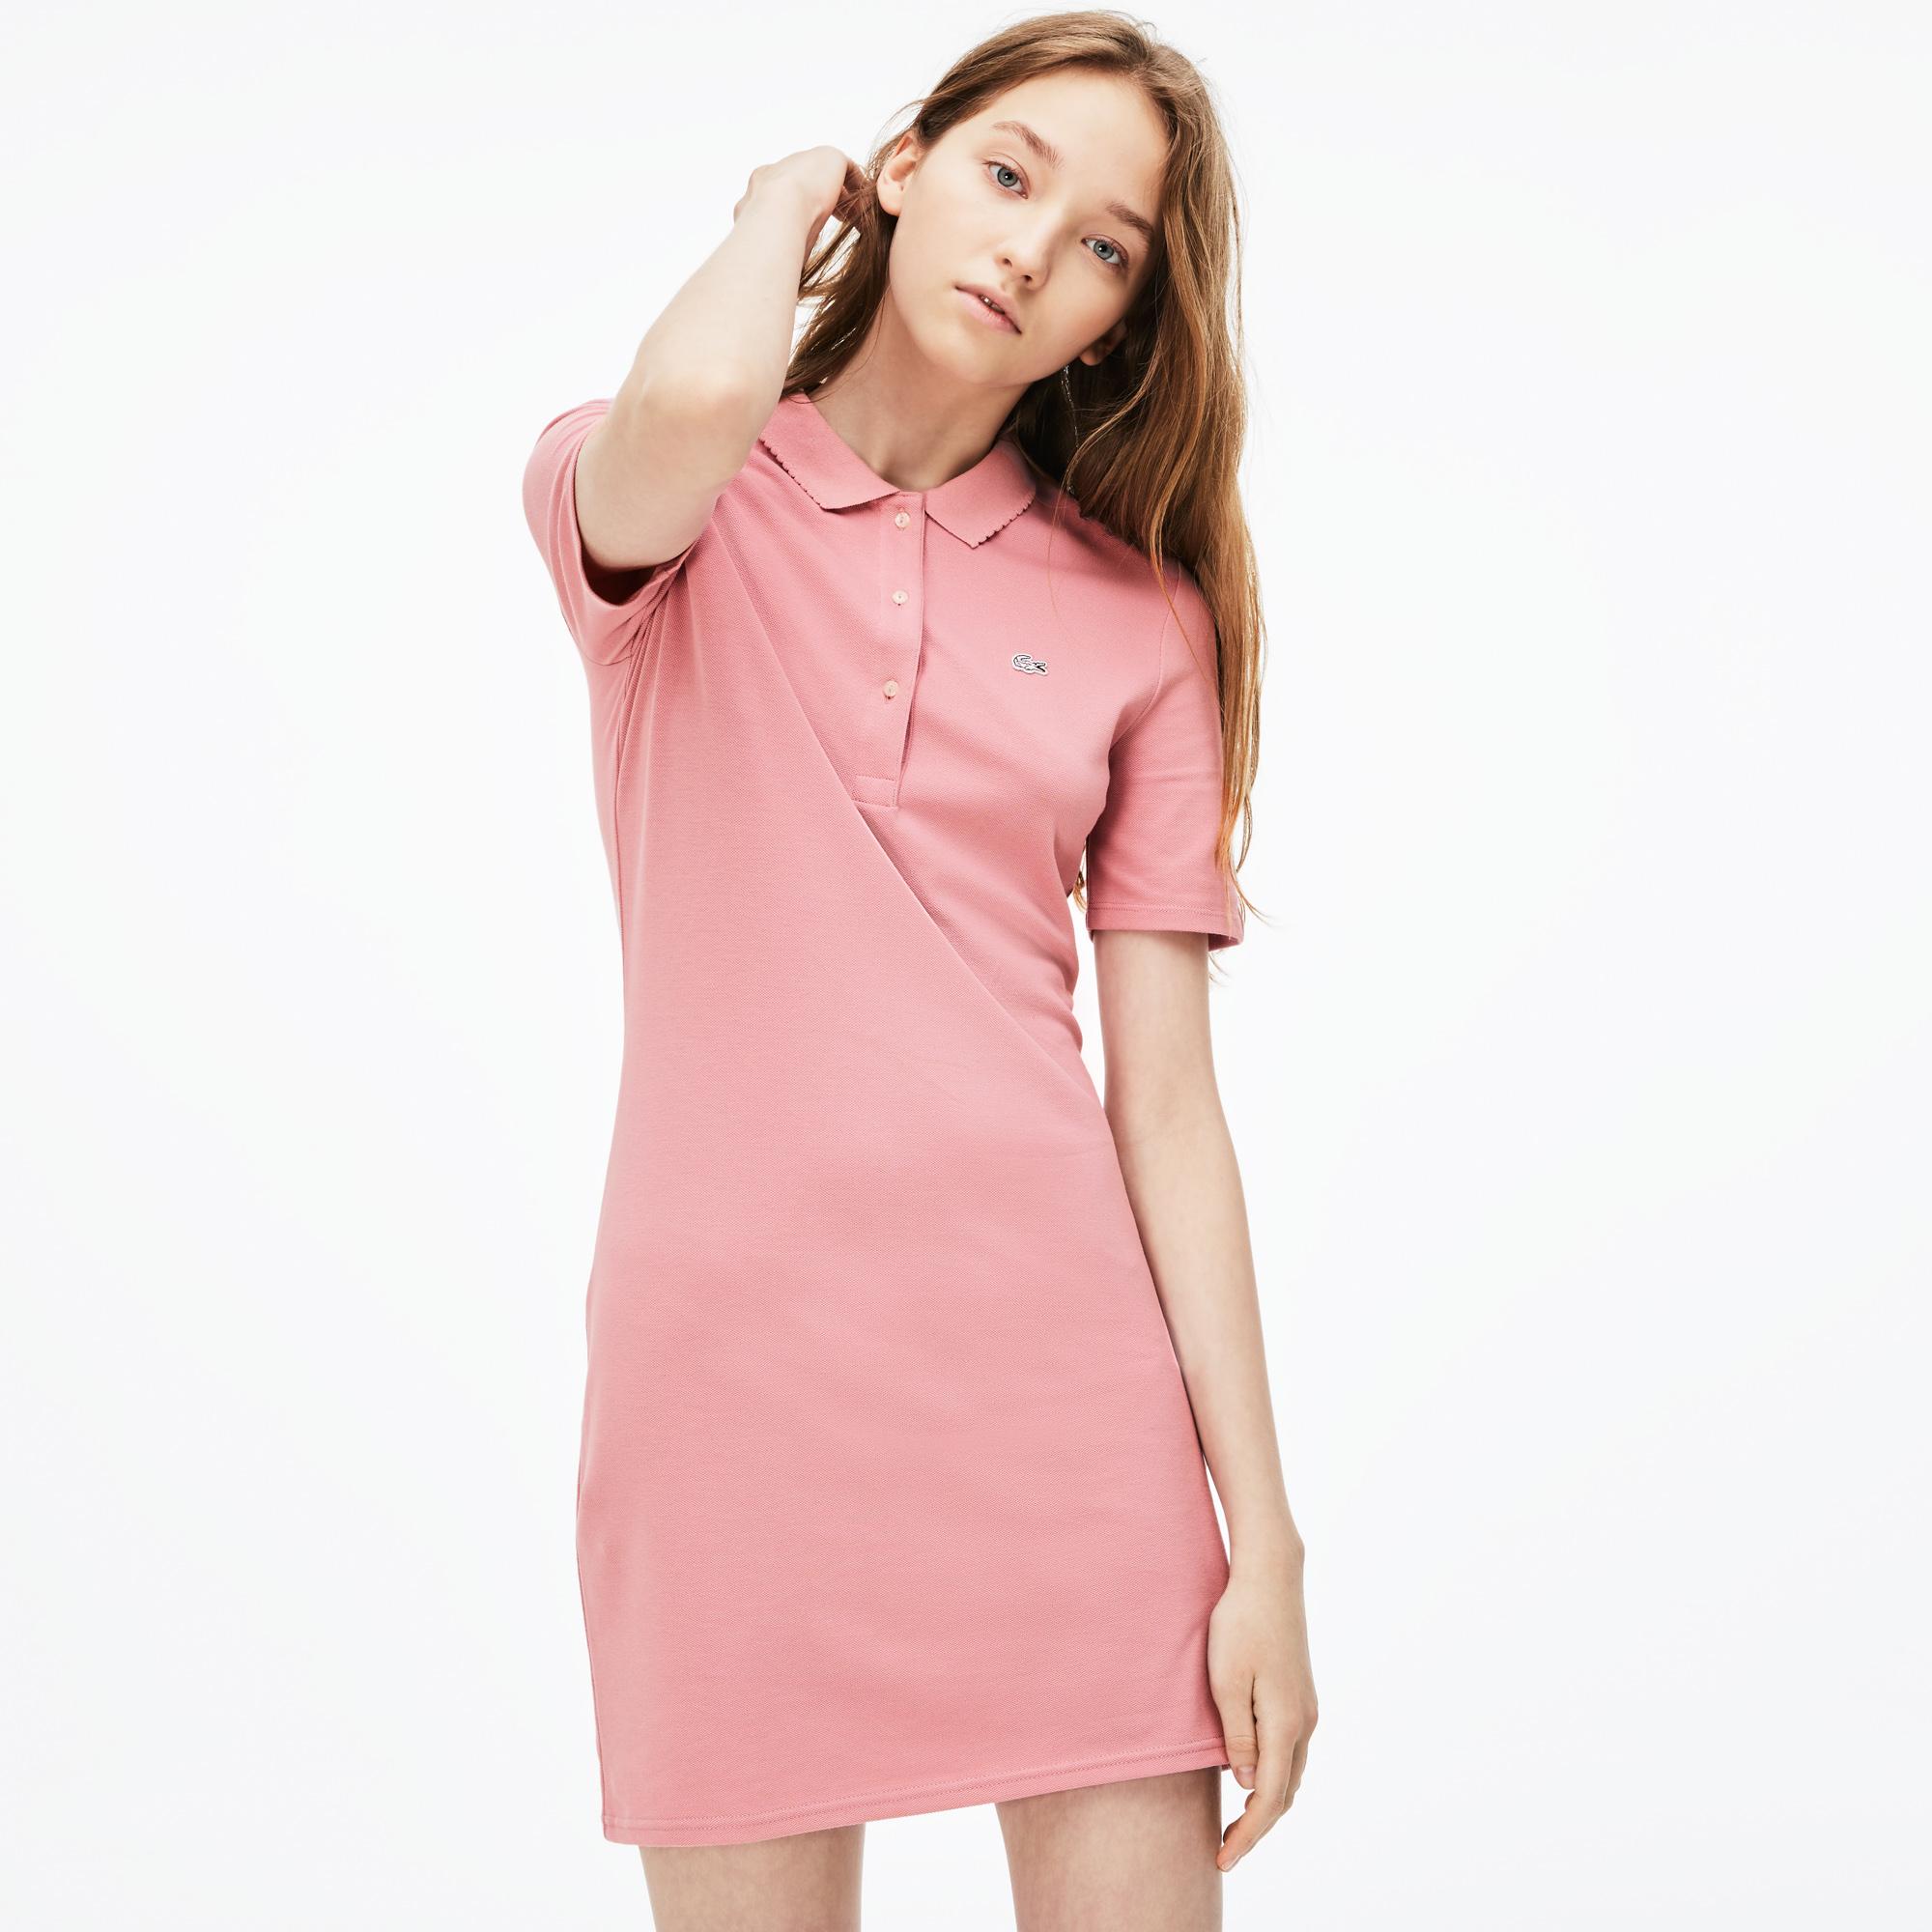 Купить Платье Lacoste, розовый, EF4868